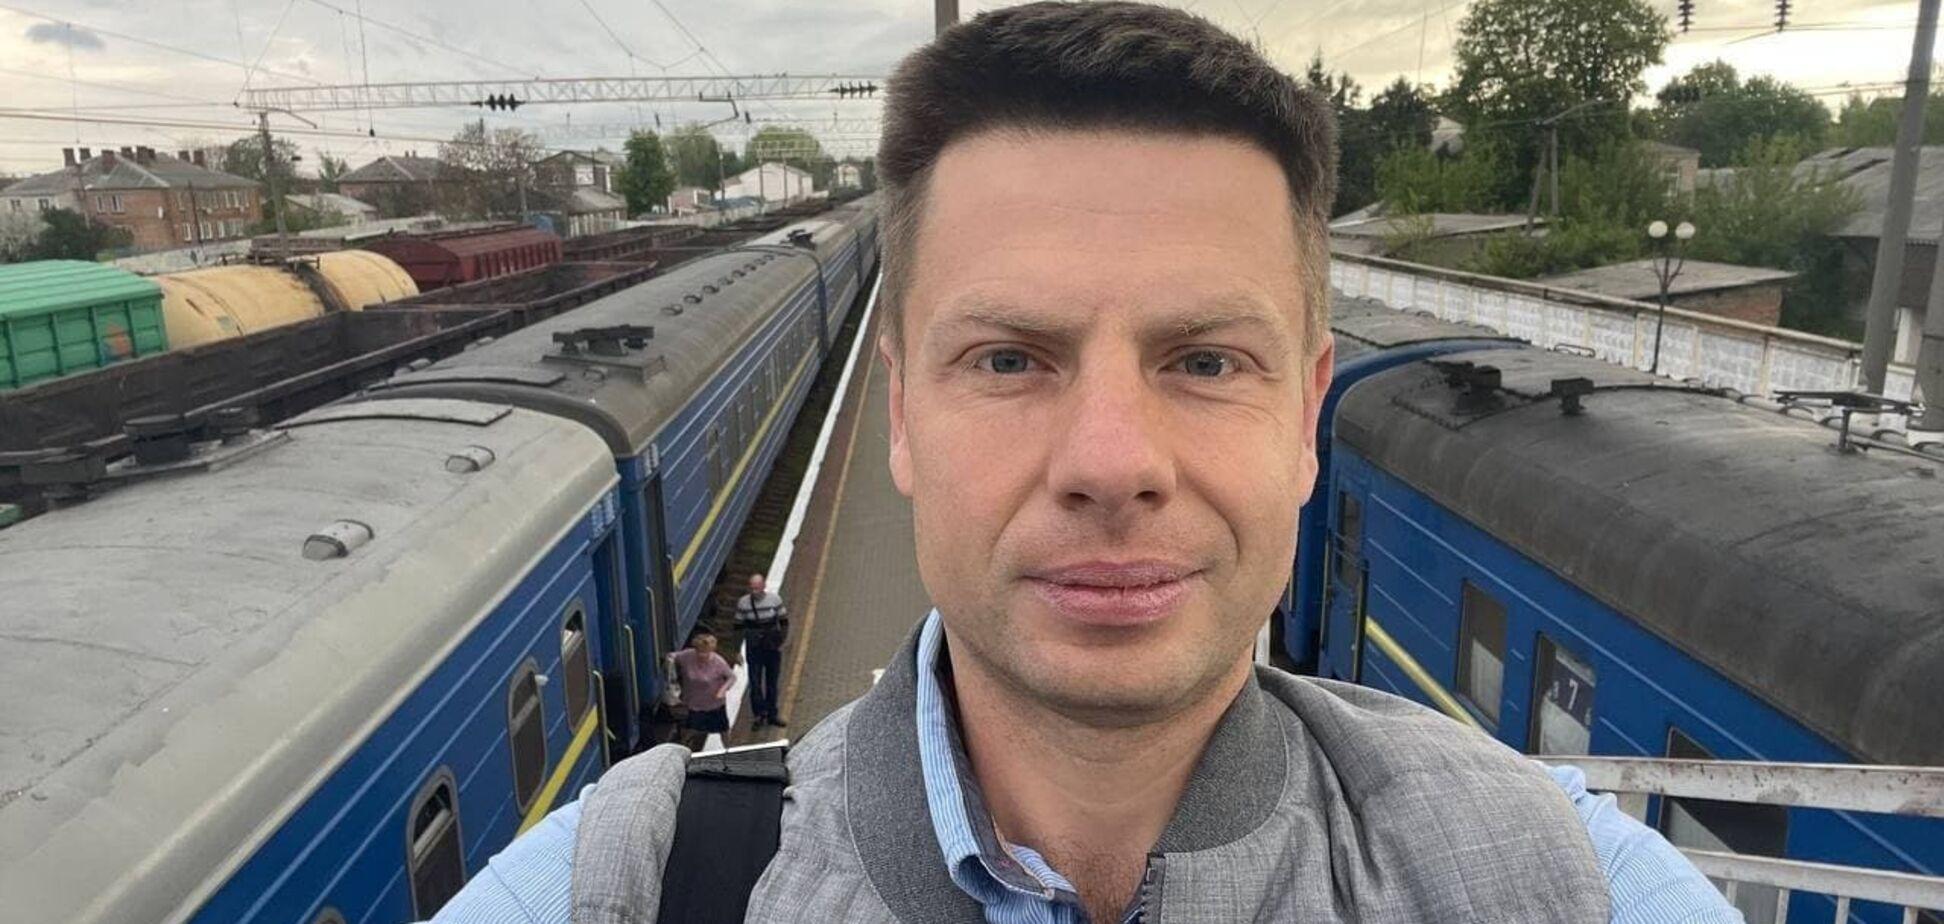 Нардепа Гончаренка обікрали в поїзді. Відео